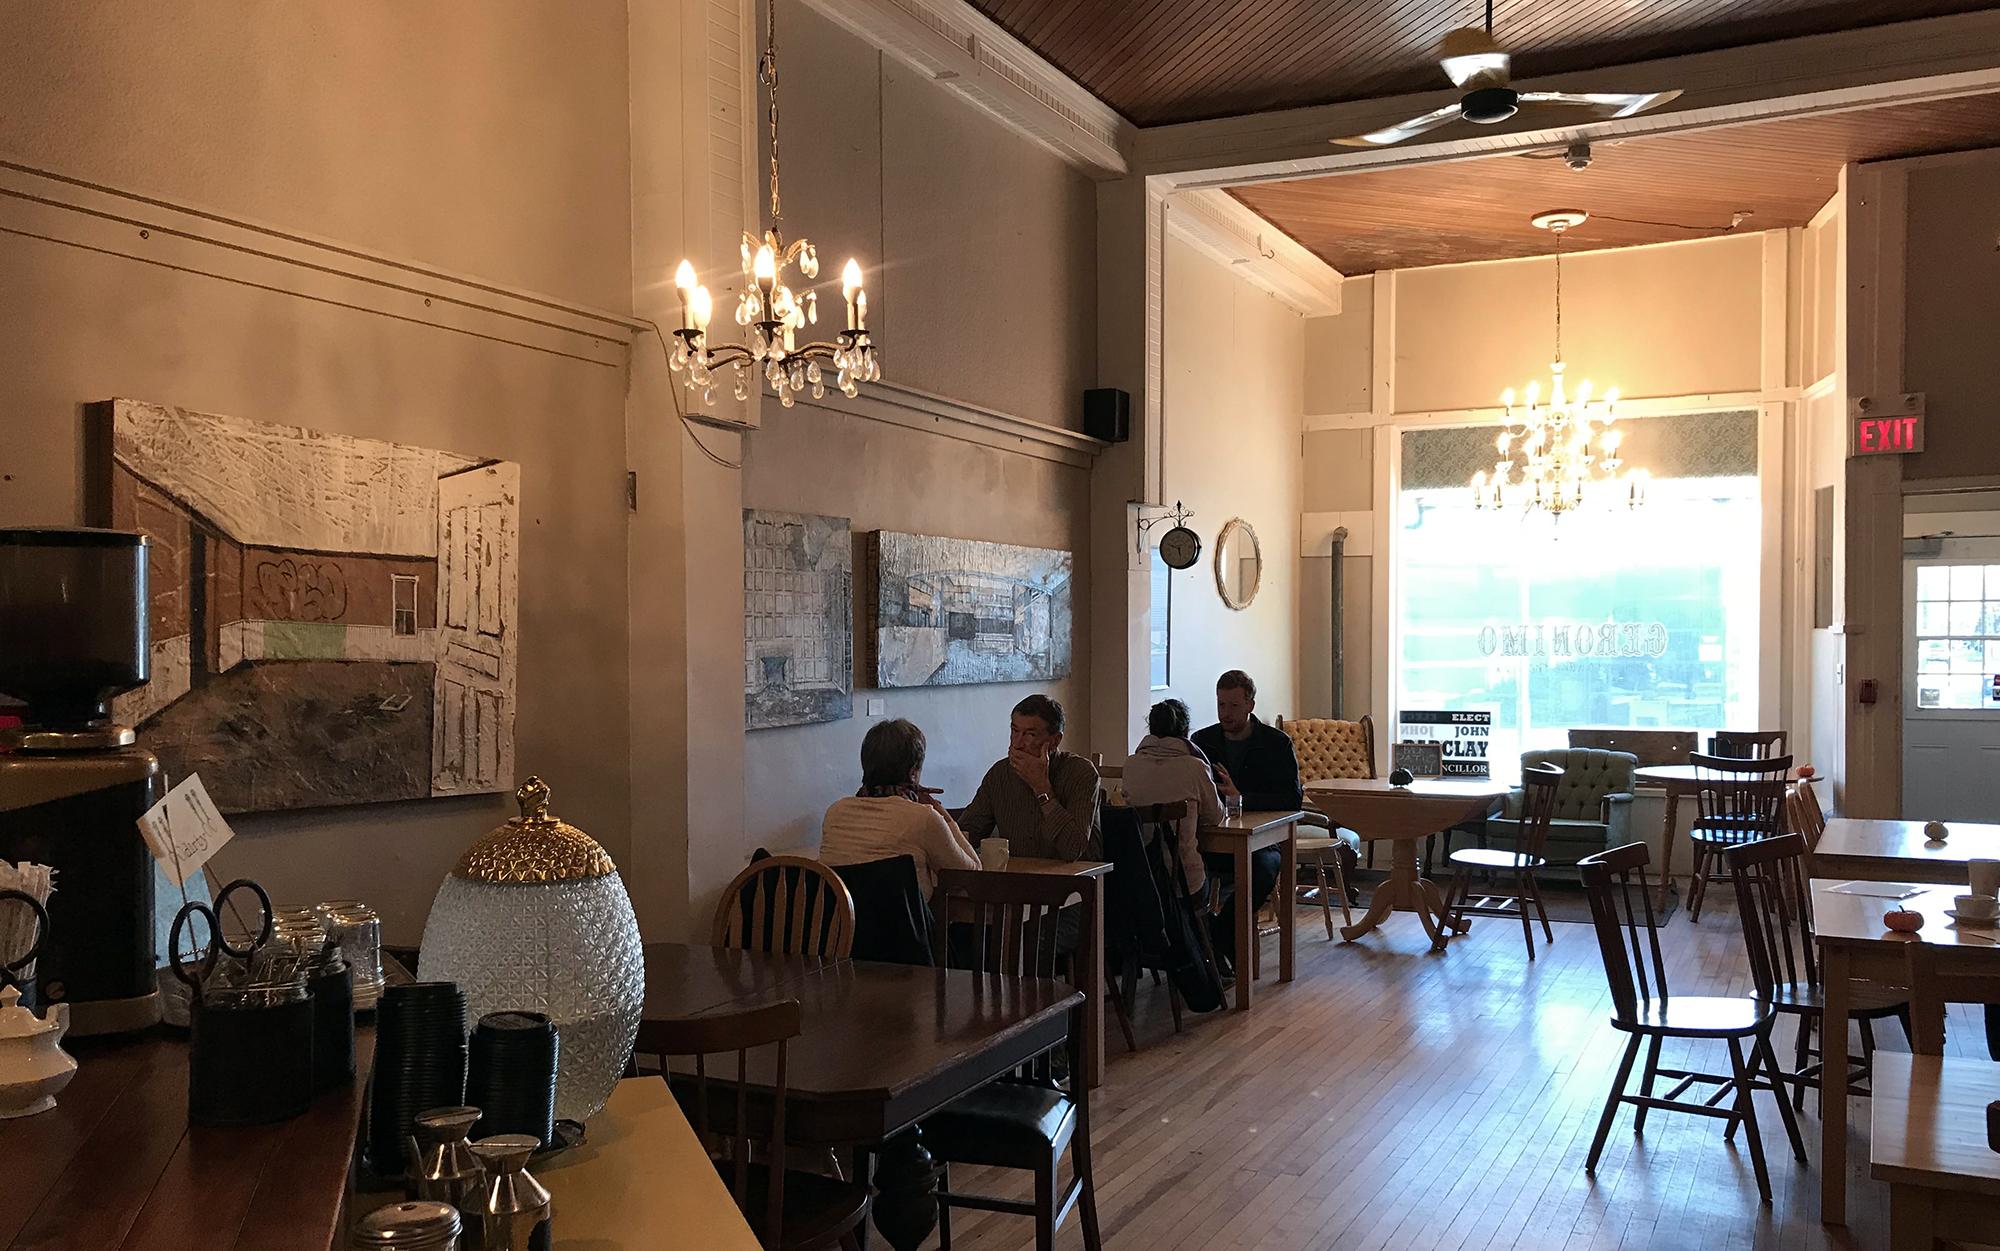 Geronimo Cafe - Interior Chandelier